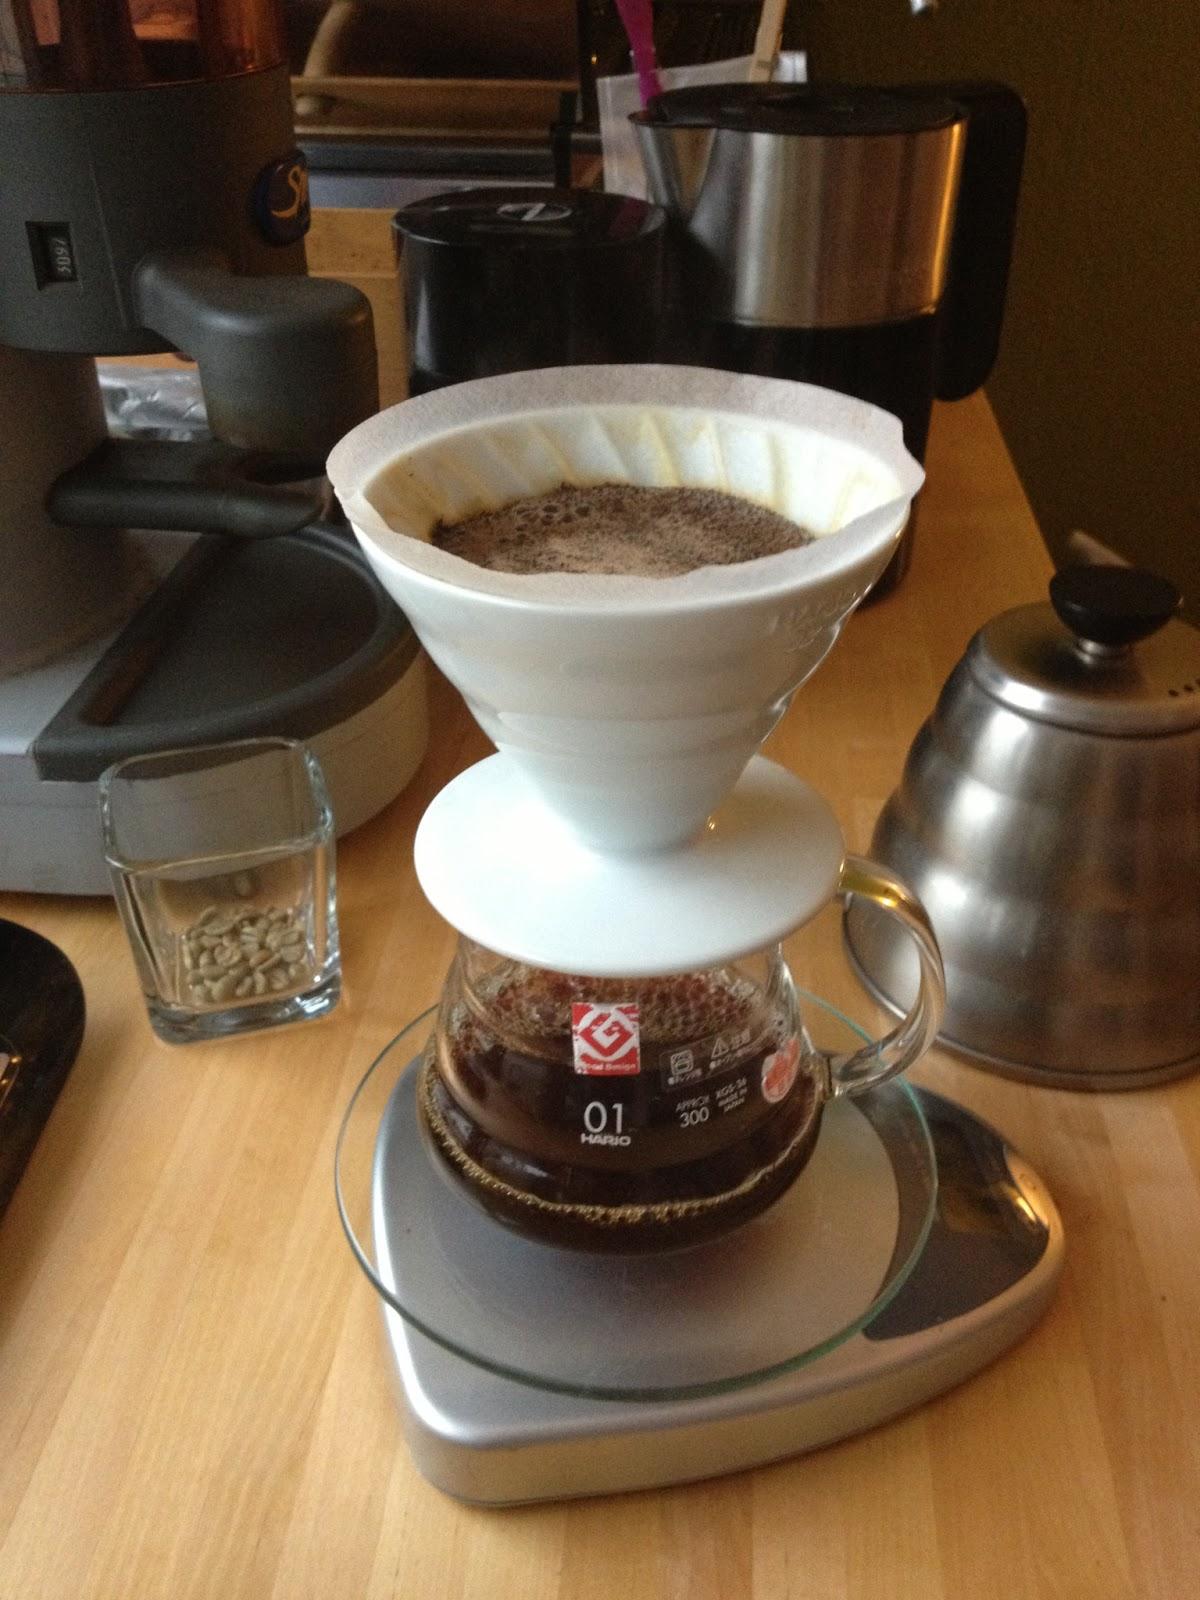 loppokaffeeexpress filterkaffee eine kleine anleitung. Black Bedroom Furniture Sets. Home Design Ideas